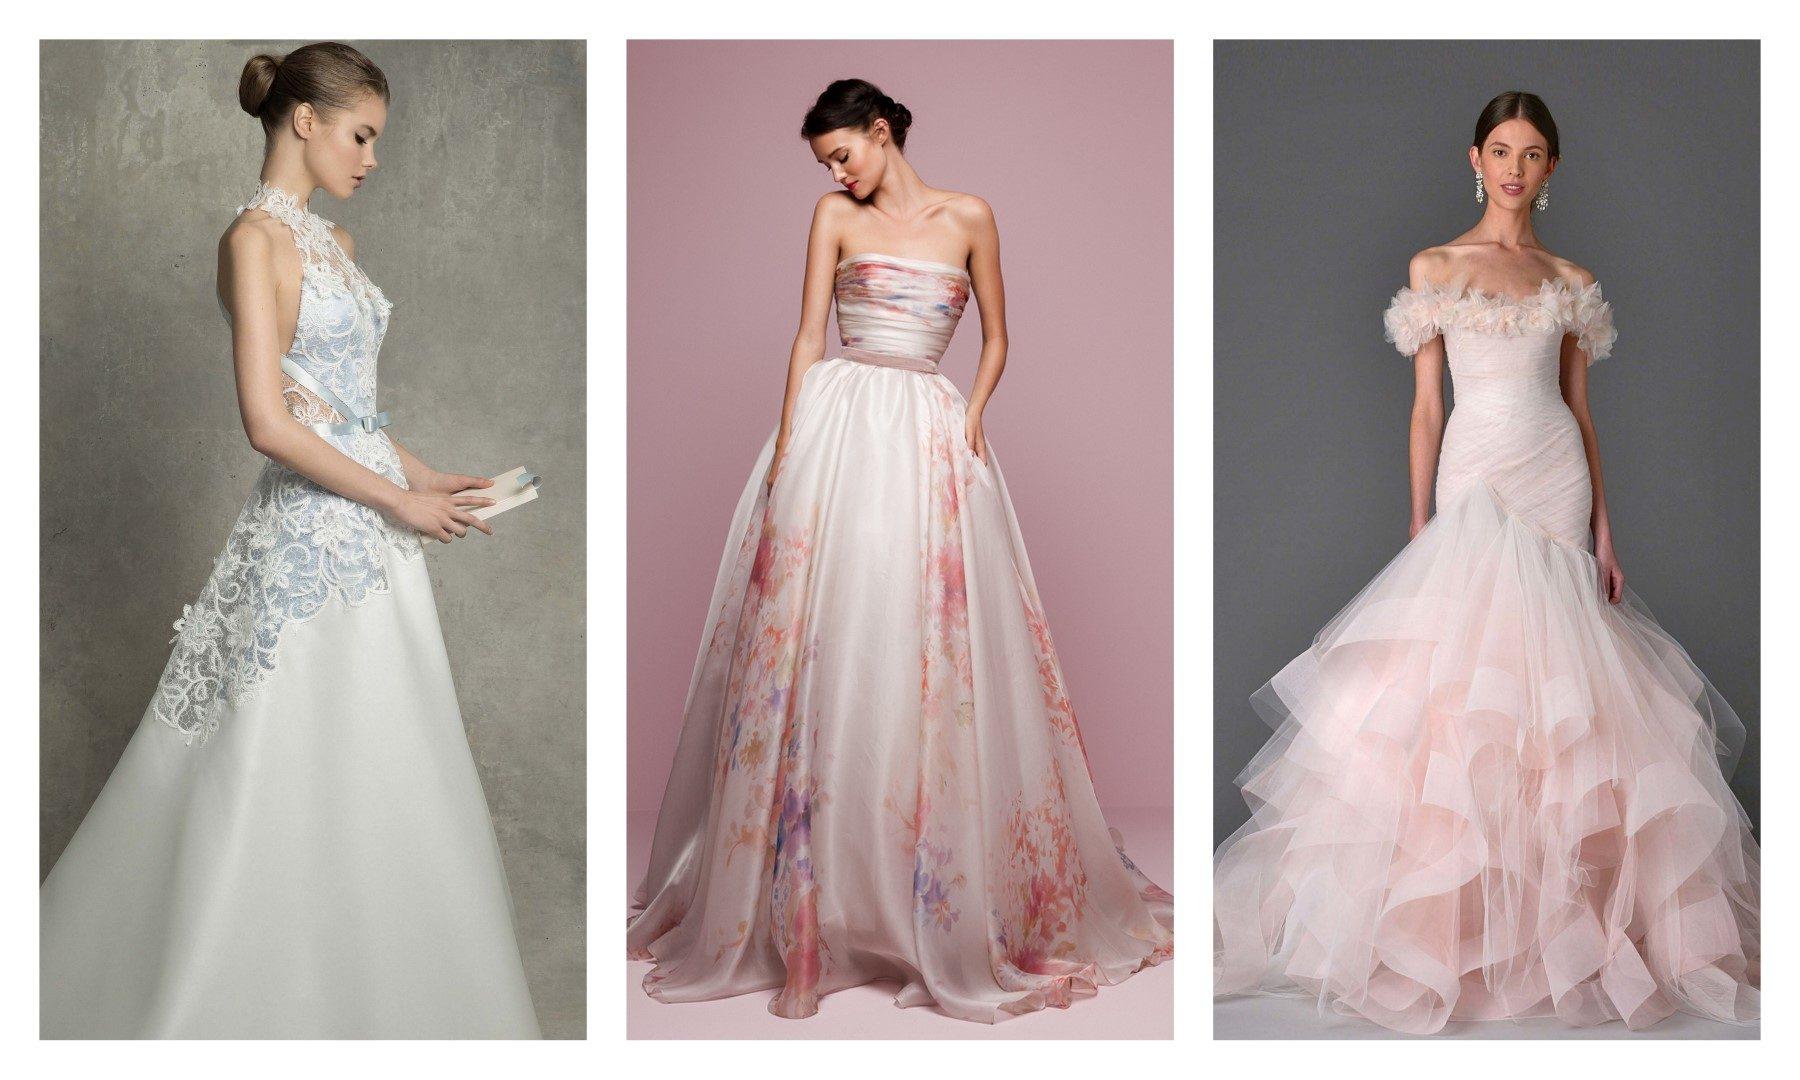 Ilyen lesz az esküvői ruha 2017-ben – A képeken látható esküvői ruhamárkák  listája balról jobbra haladva  Monique Lhuillier d3a9c54247